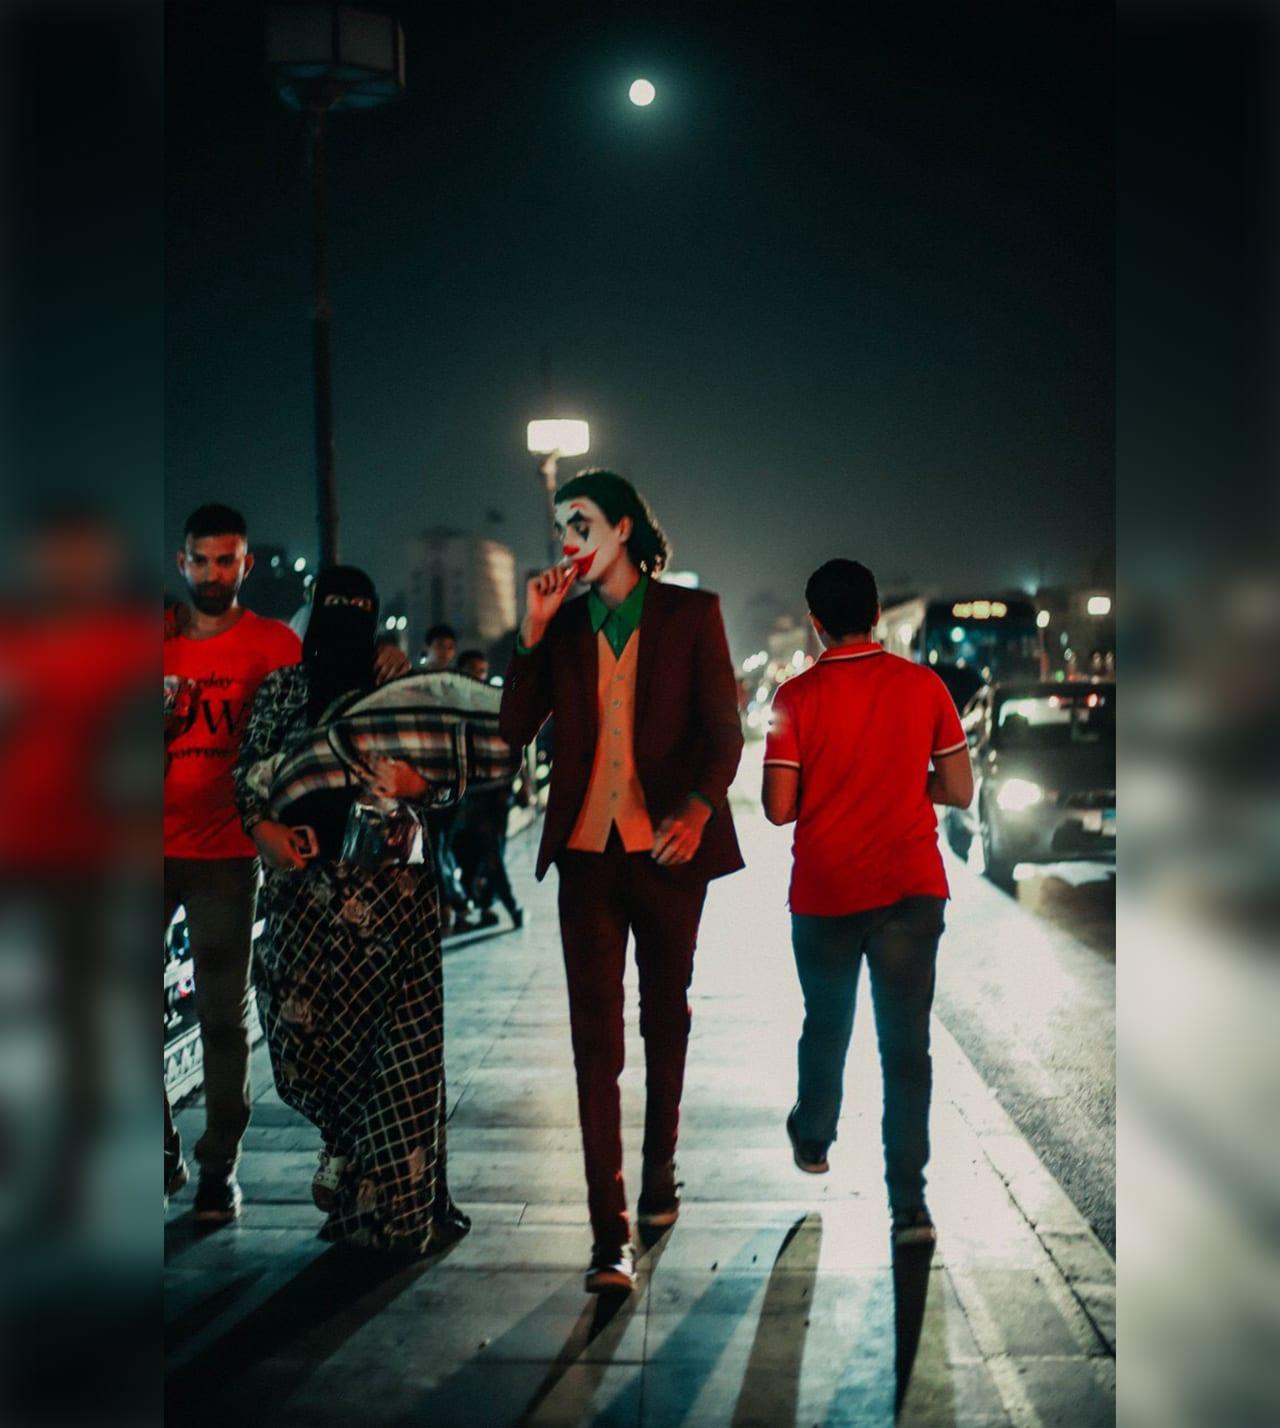 الجوكر في مصر.. ملصقات غرافيكية وصور تجسد تجربة الجوكر بالشوارع المصرية